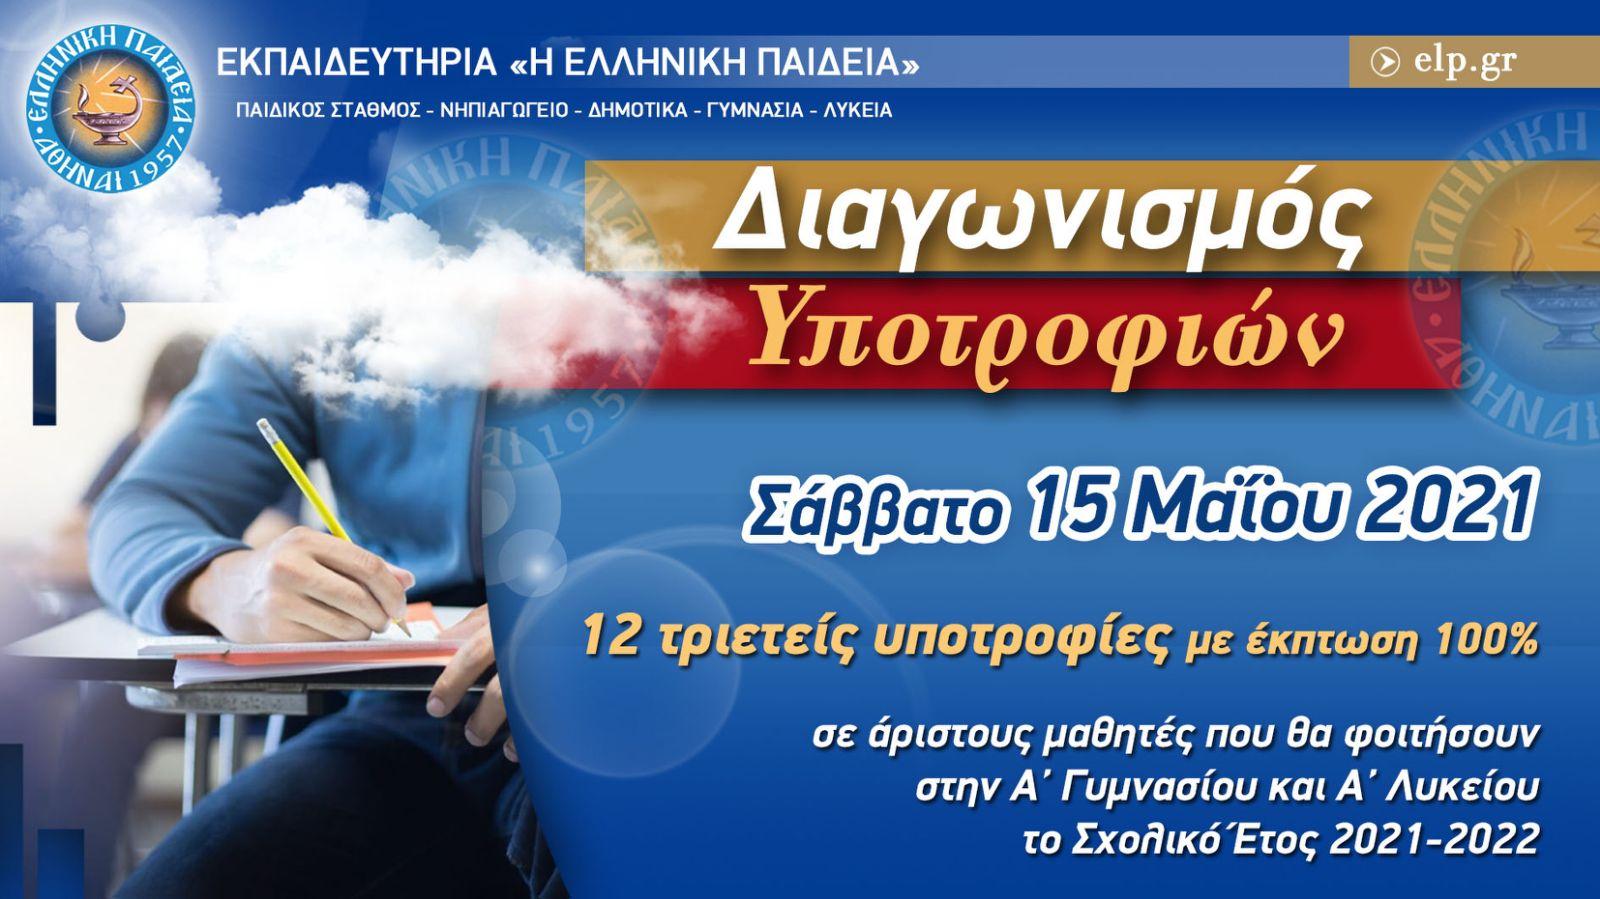 """12 υποτροφίες σε άριστους μαθητές από τα Εκπαιδευτήρια """"Ελληνική Παιδεία"""""""